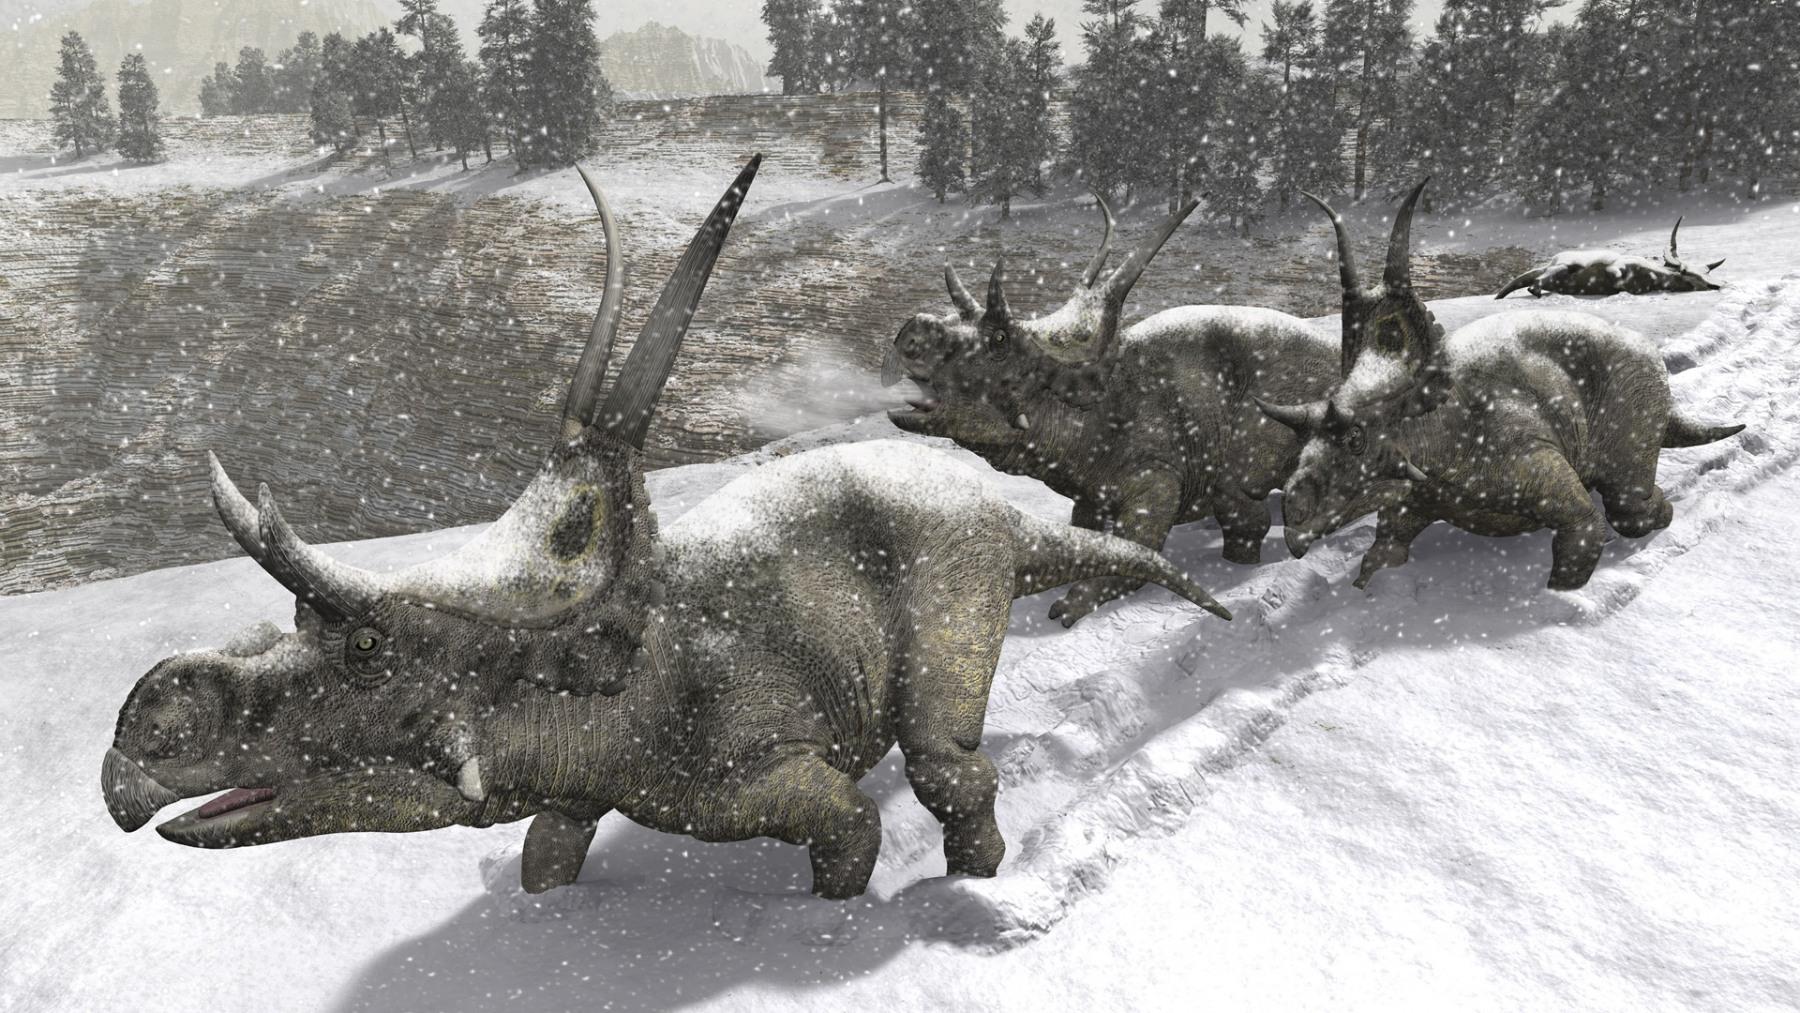 Diabloceratops in Snow